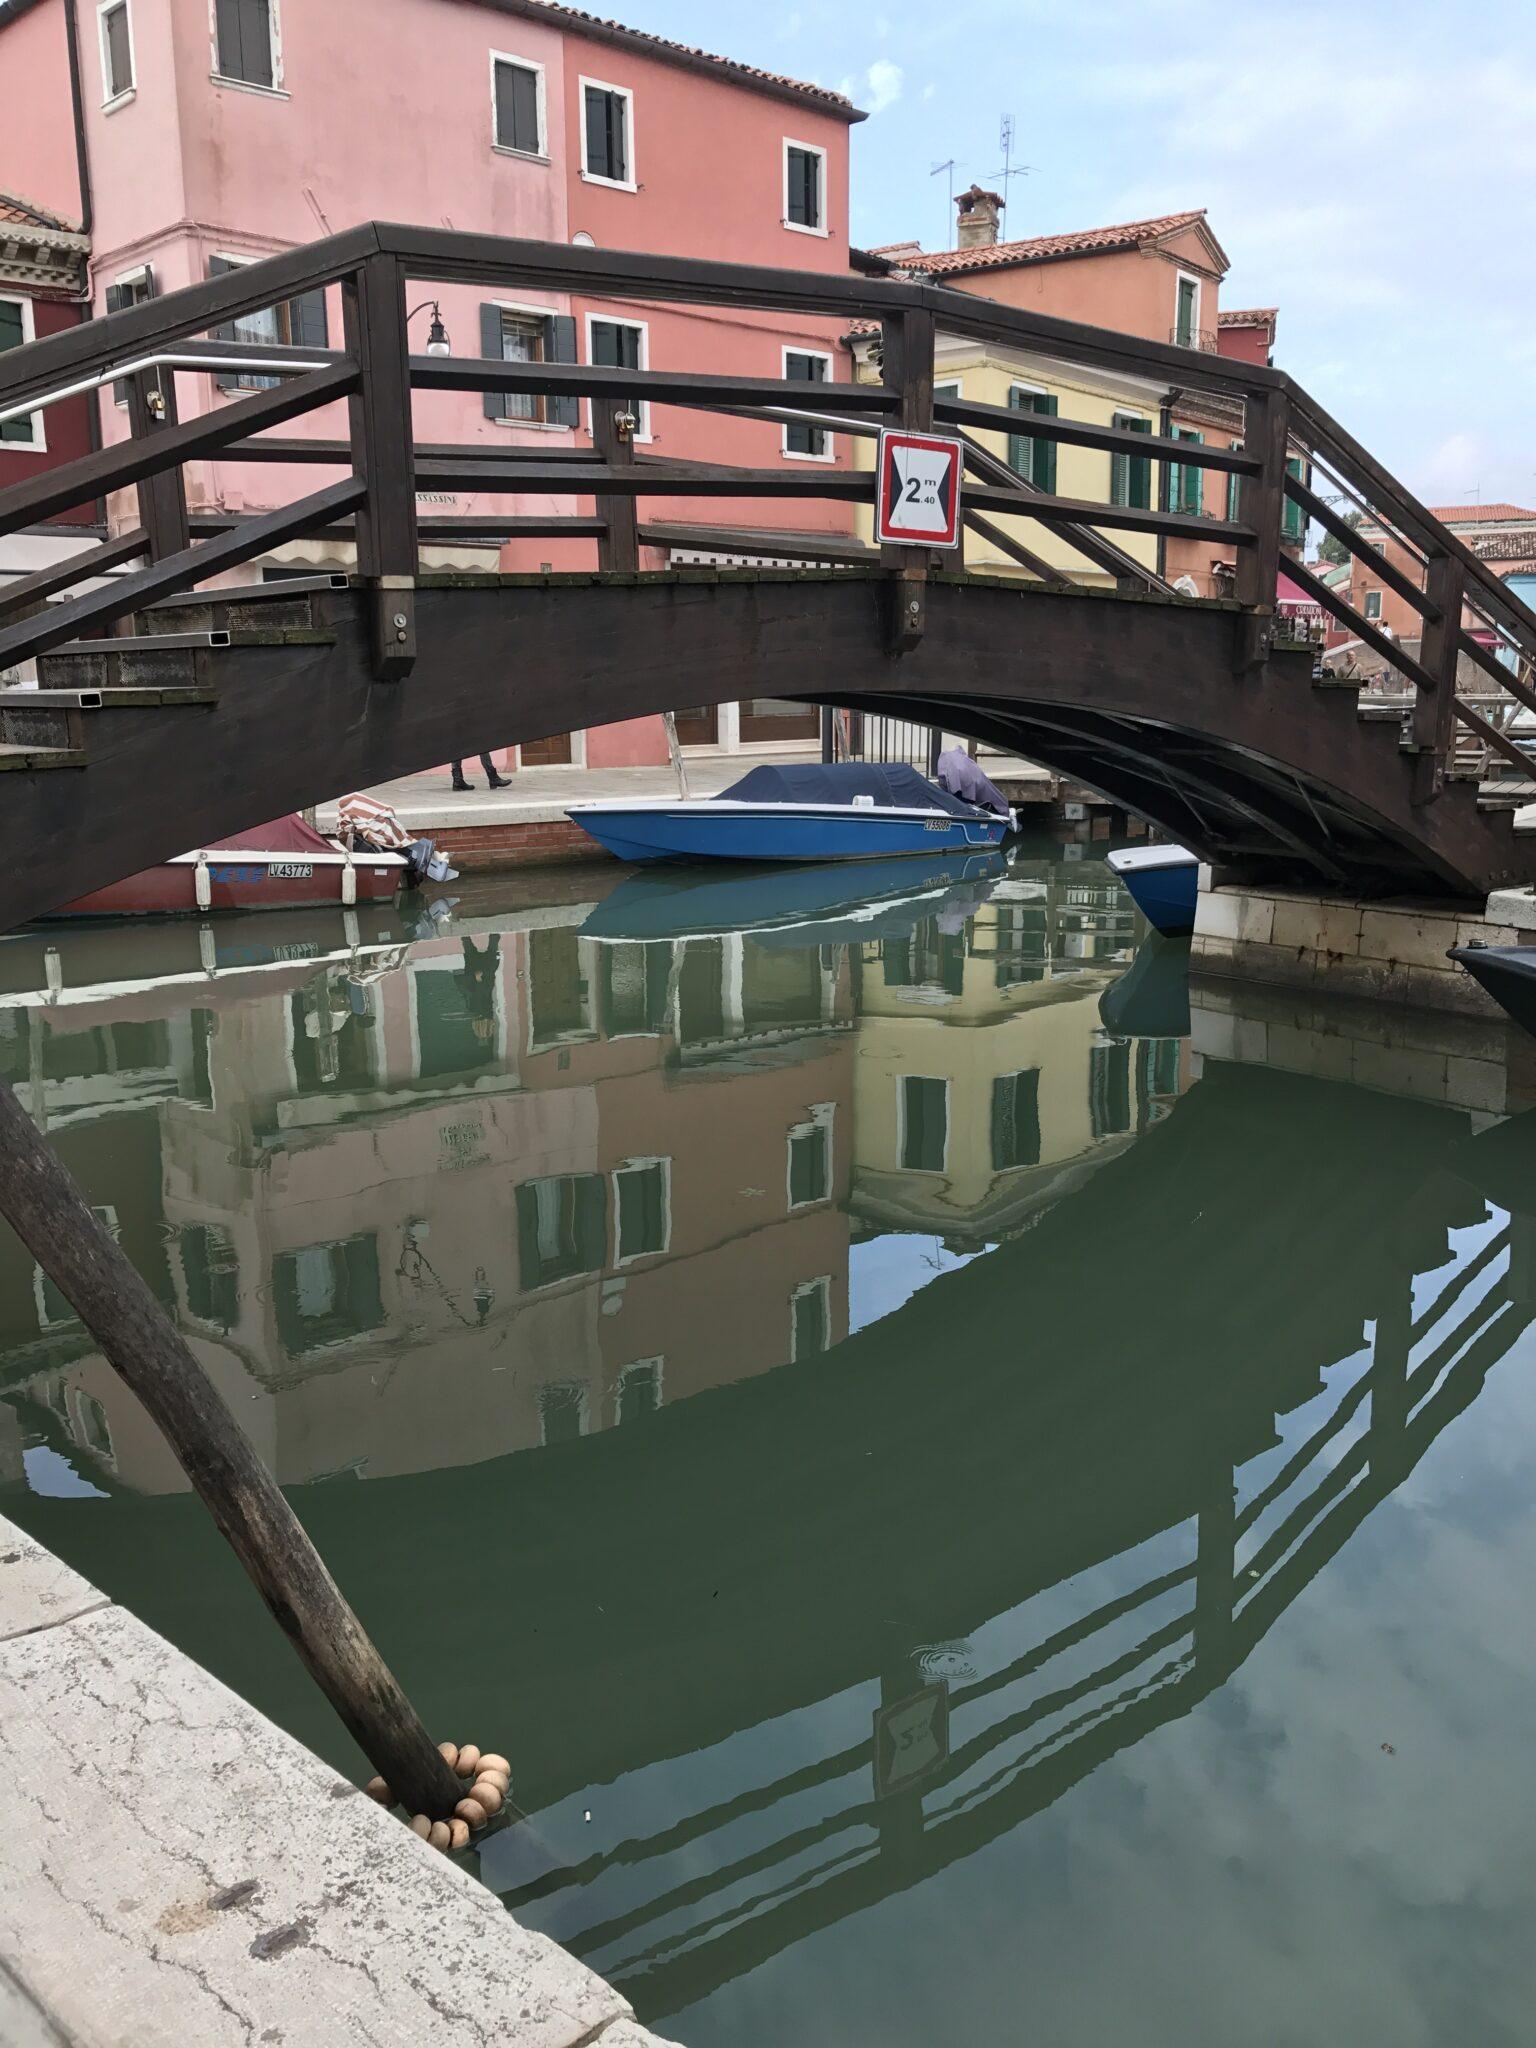 2017 – Venice Day 3 – Burano & Palazzo Ducale